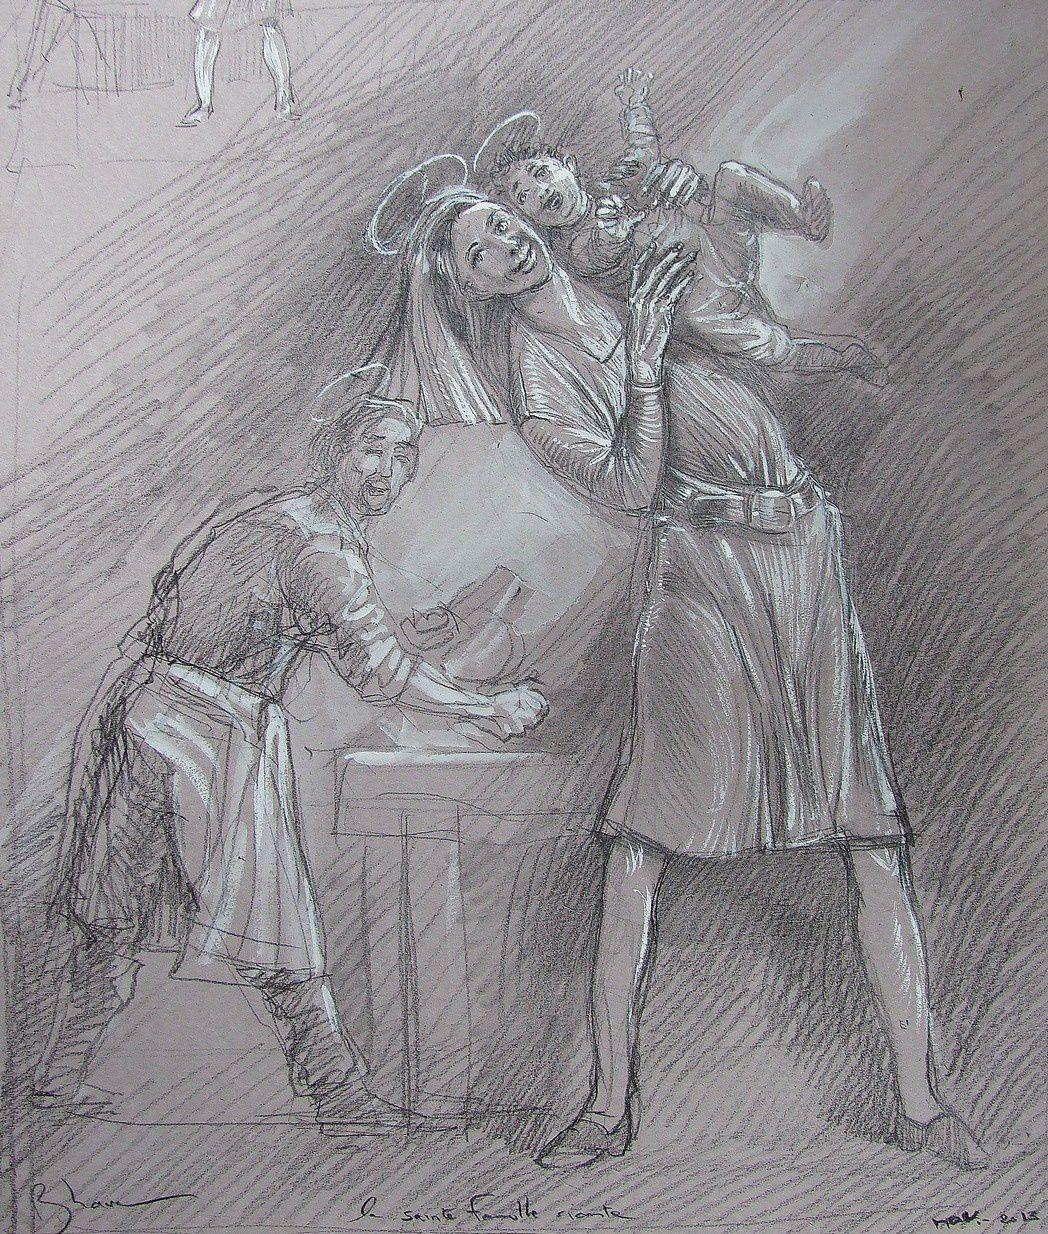 Pour une vierge à l'enfant riante! crayon 32X50 2013 (2)